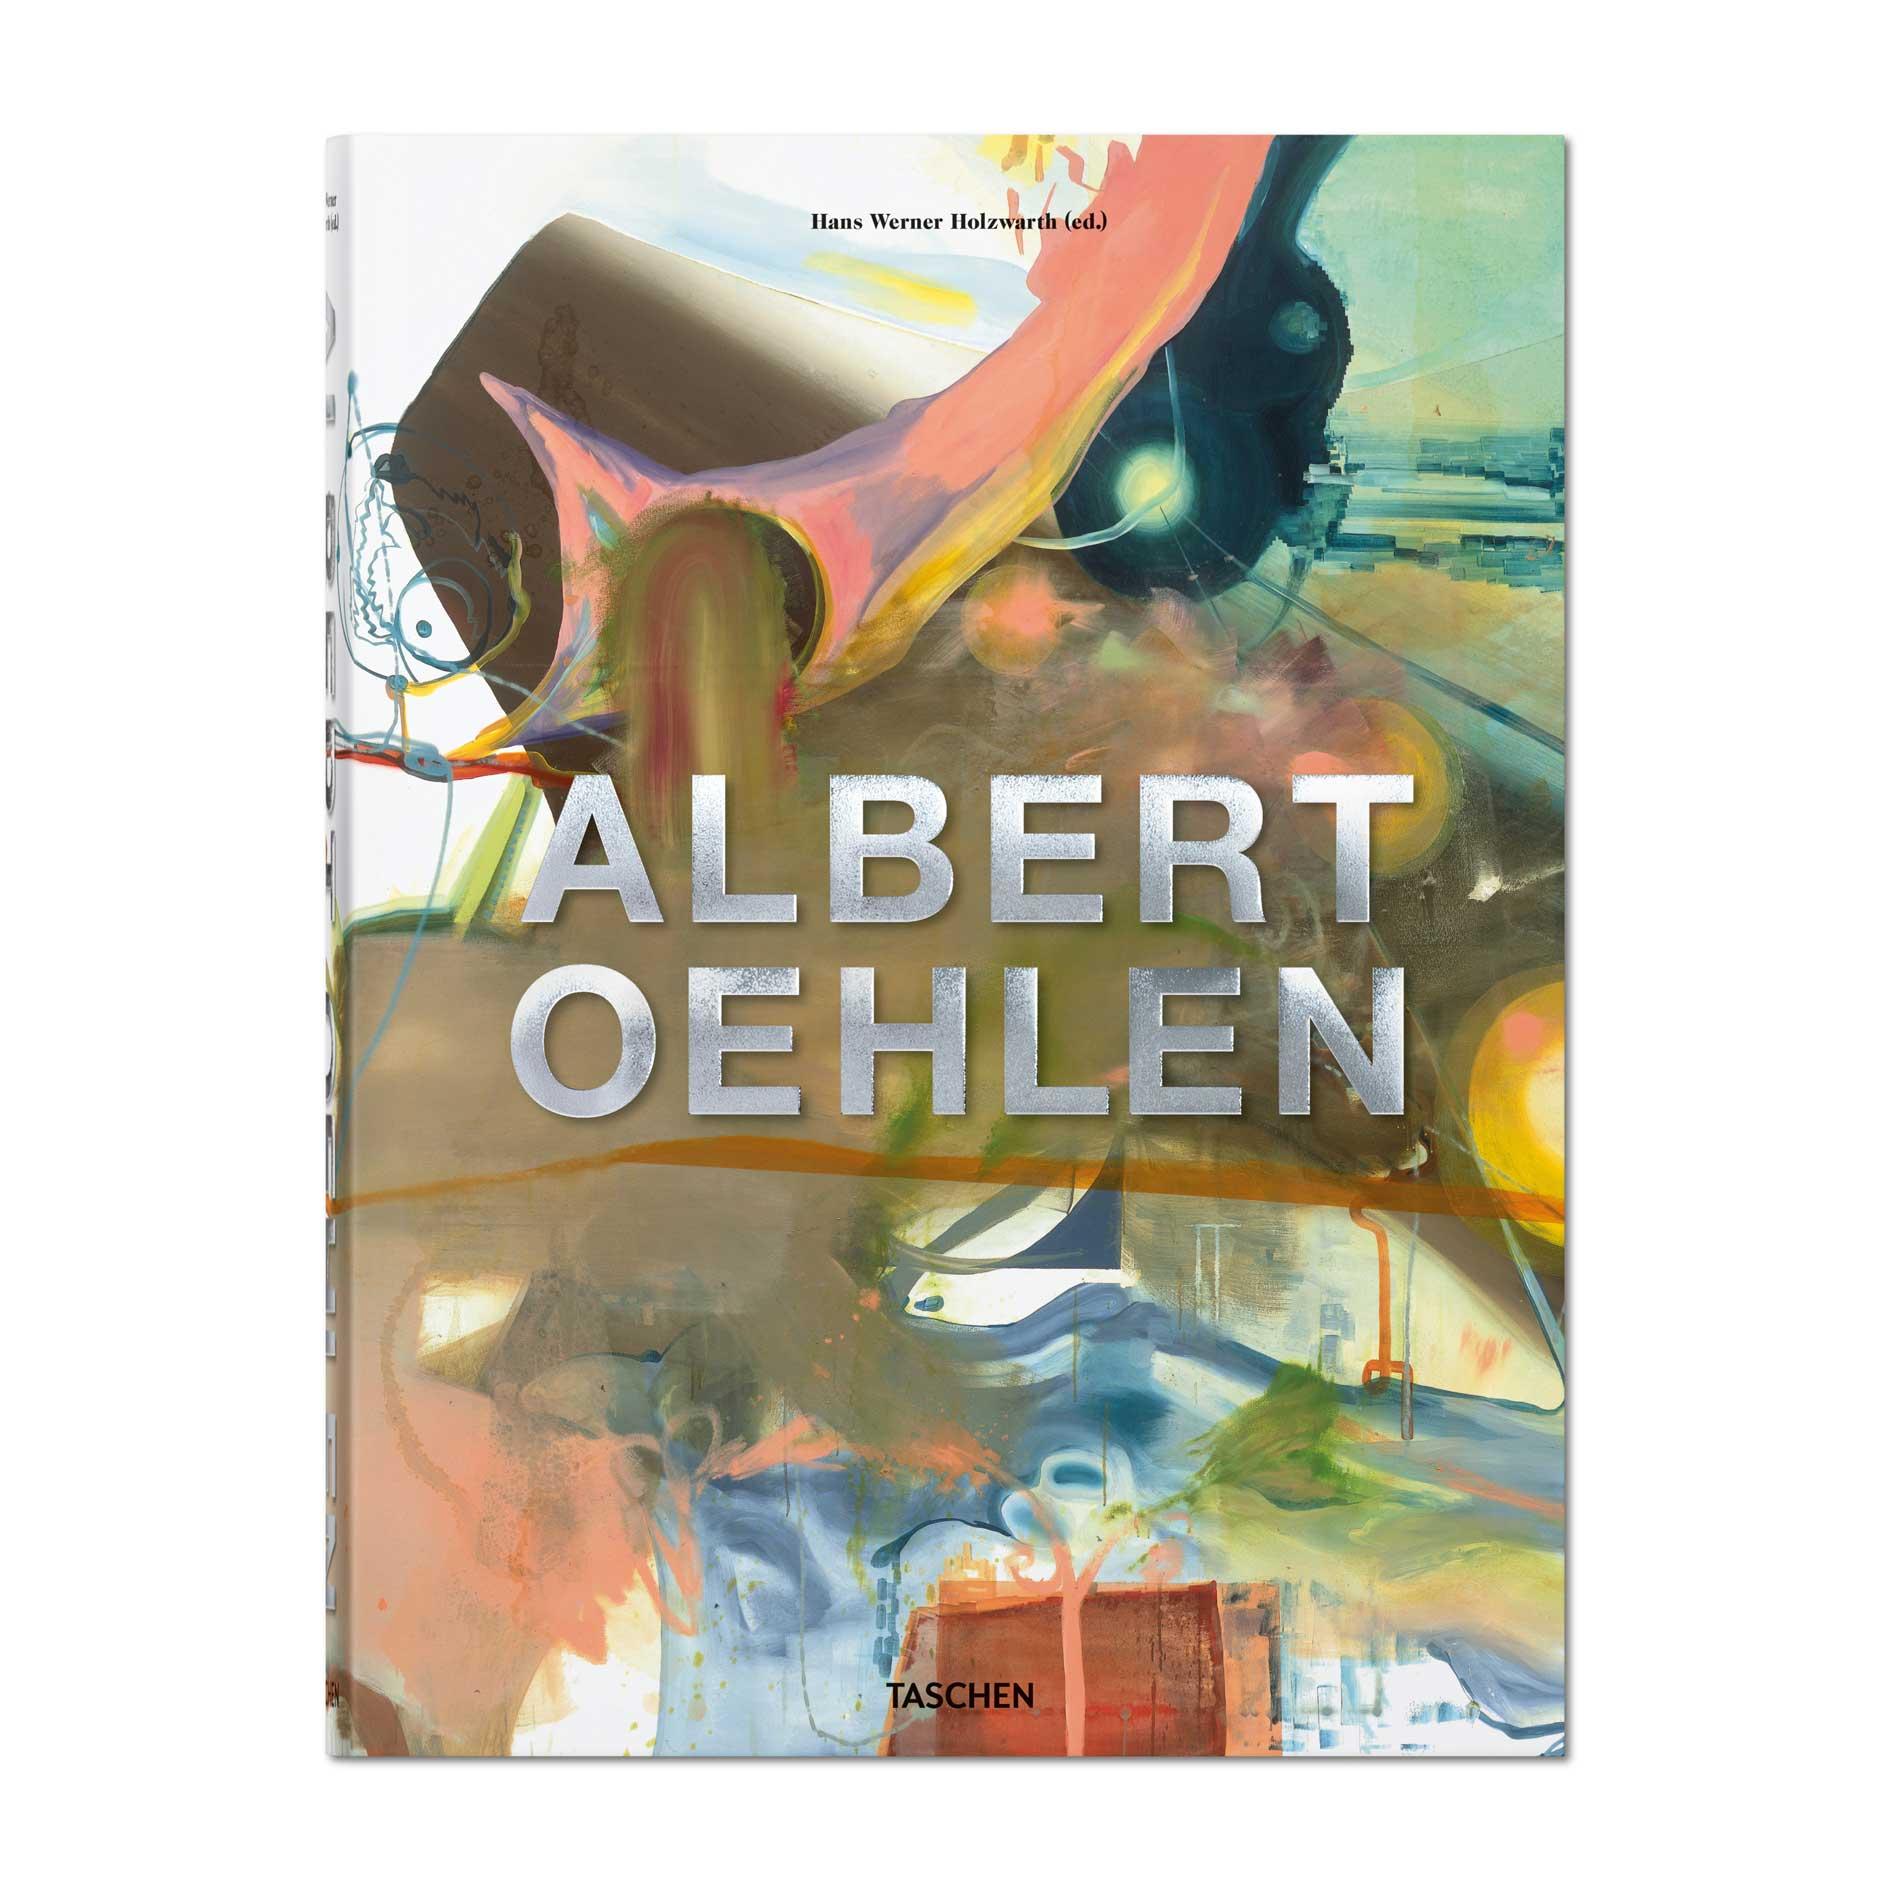 Albert Oehlen, Event Tipps im TASCHEN Store, Buchtipp, Künstler Alber Oehlen im Hamburger TASCHEN Store,